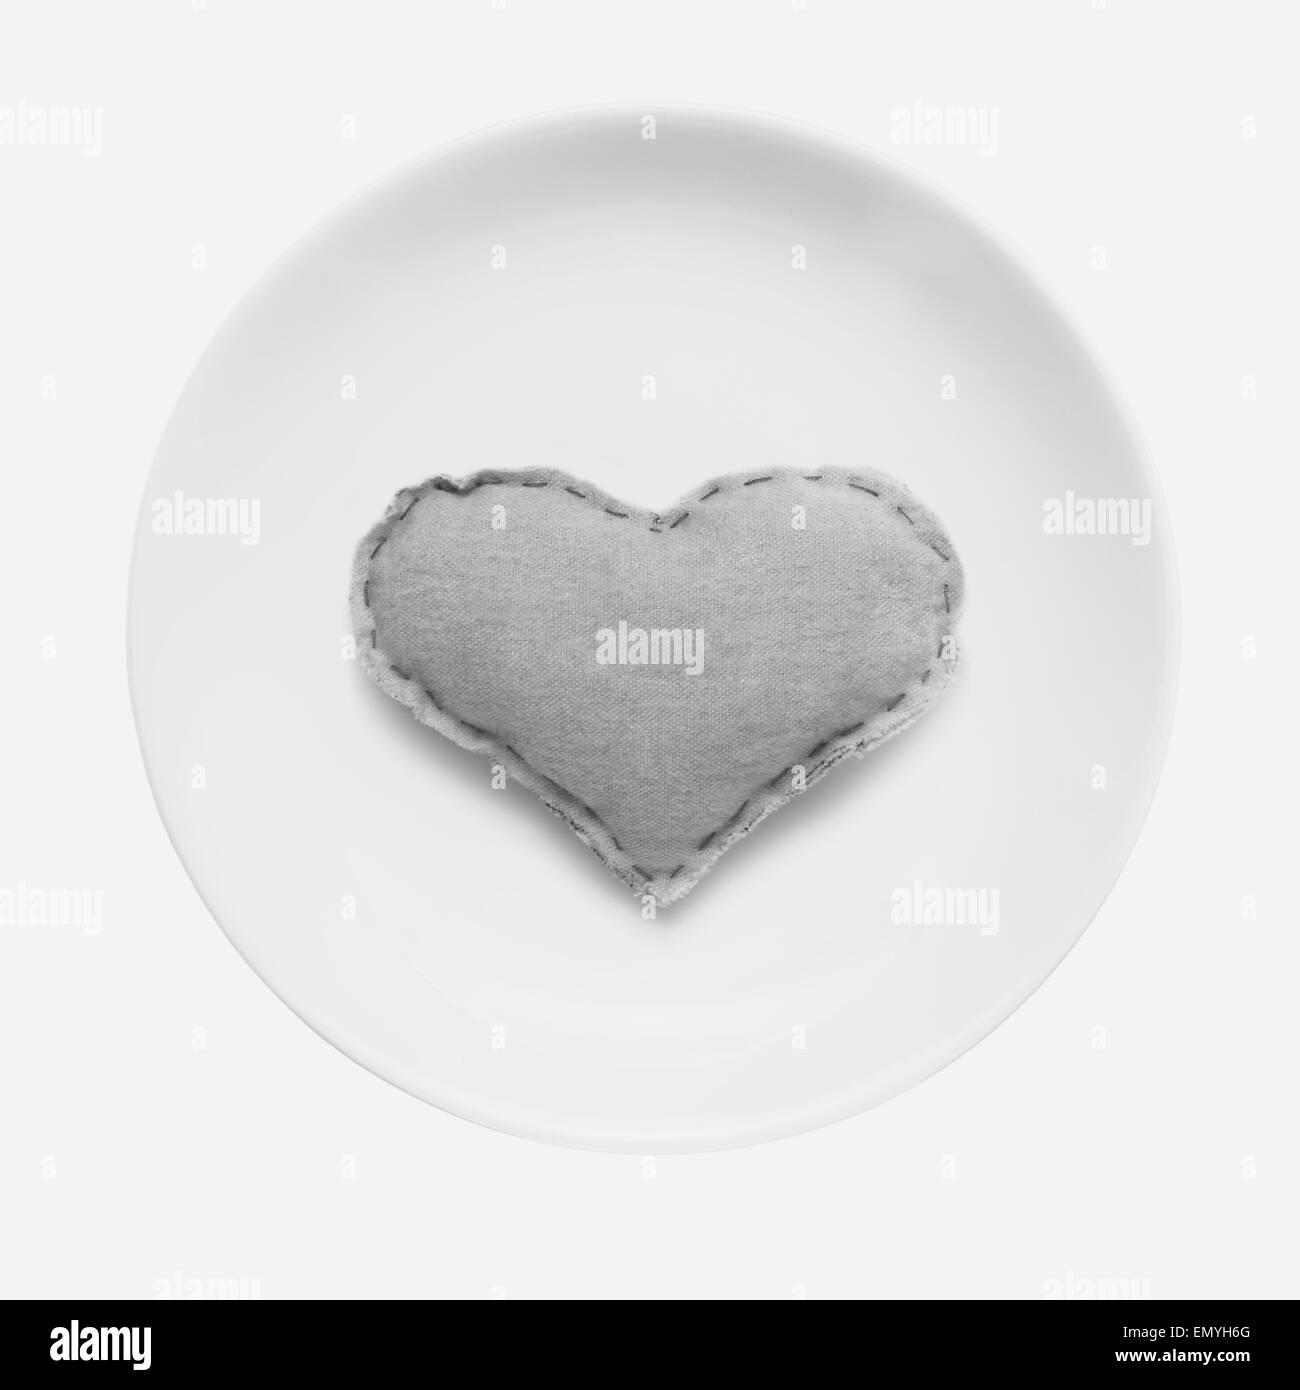 Weißen Teller mit handgefertigten Herz drauf. Schwarz / weiß minimalis Stockbild